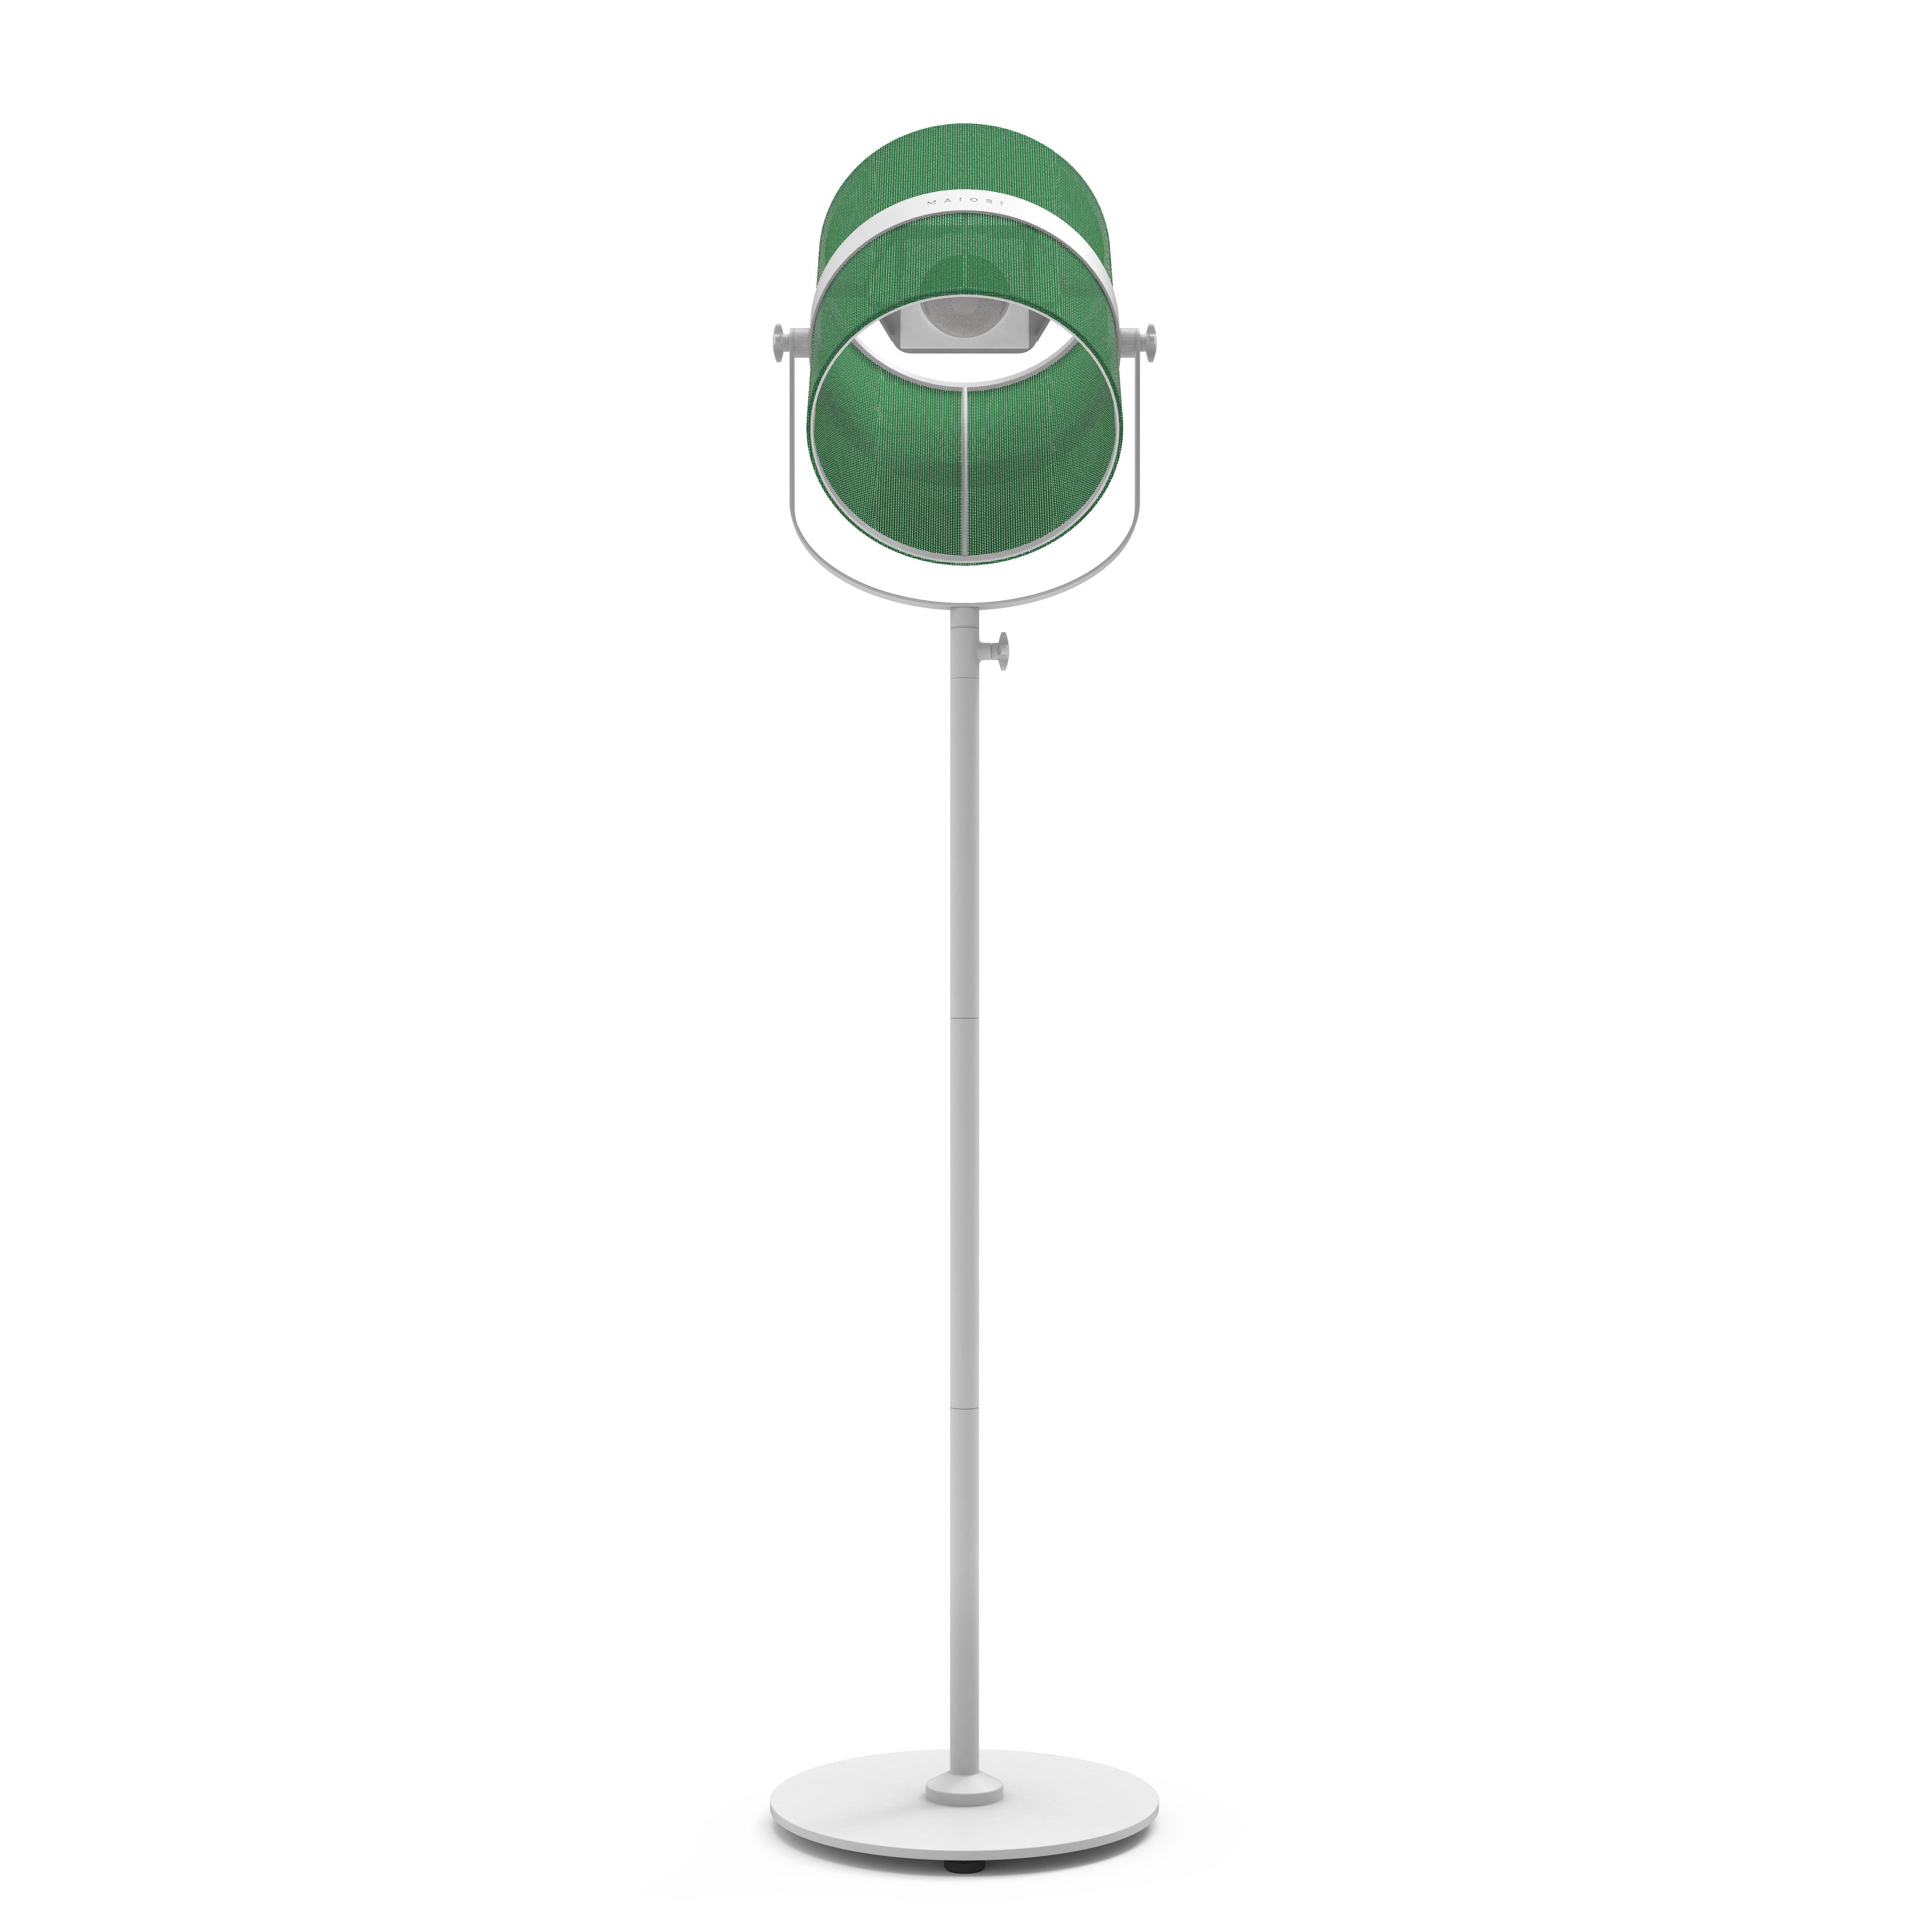 Leuchten - Stehleuchten - La Lampe Paris LED Solarleuchte / kabellos - Maiori - Jadegrün  / Ständer weiß - bemaltes Aluminium, Gewebe